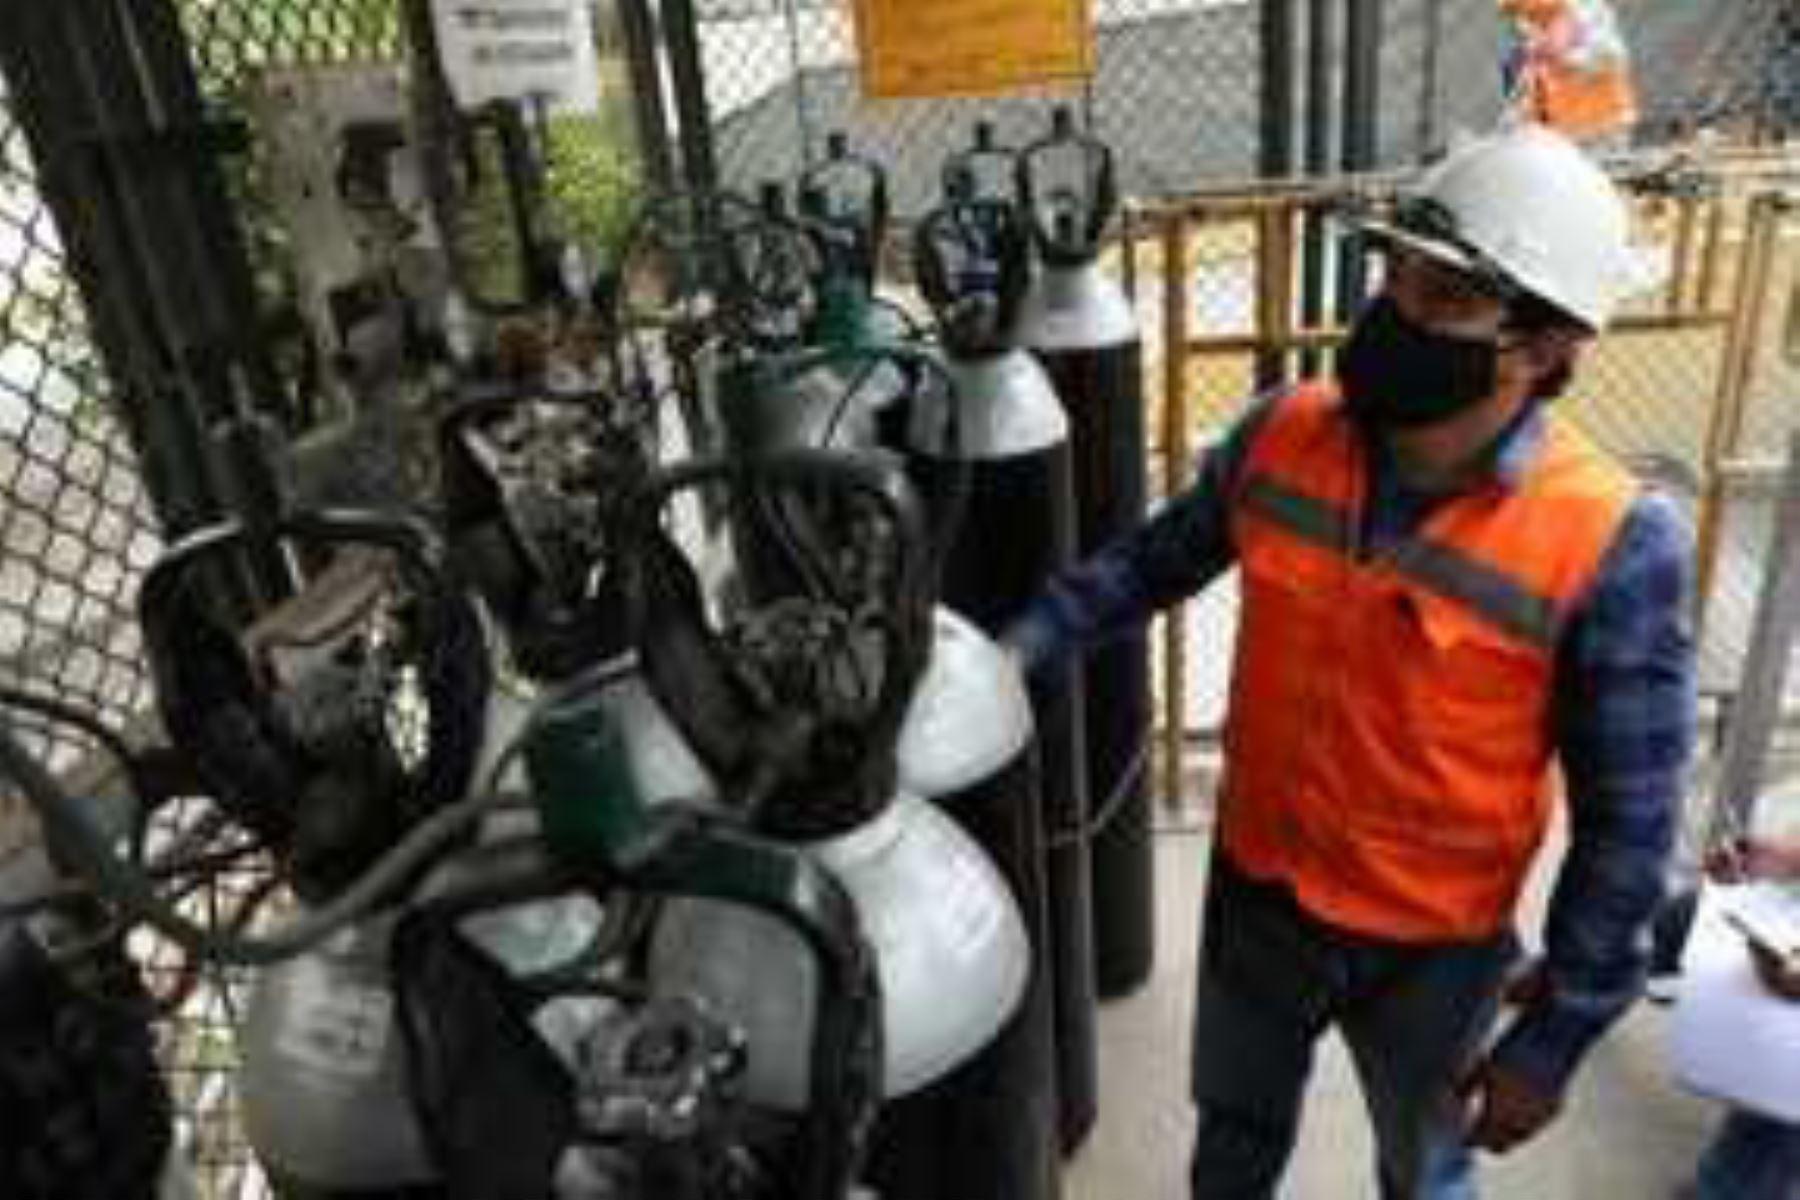 Estas 43 toneladas de oxígeno forman parte de una importación total de 960 toneladas gestionadas por el Proyecto Especial Legado, adscrito al MTC, que serán traídas desde Chile. Foto: ANDINA/MTC